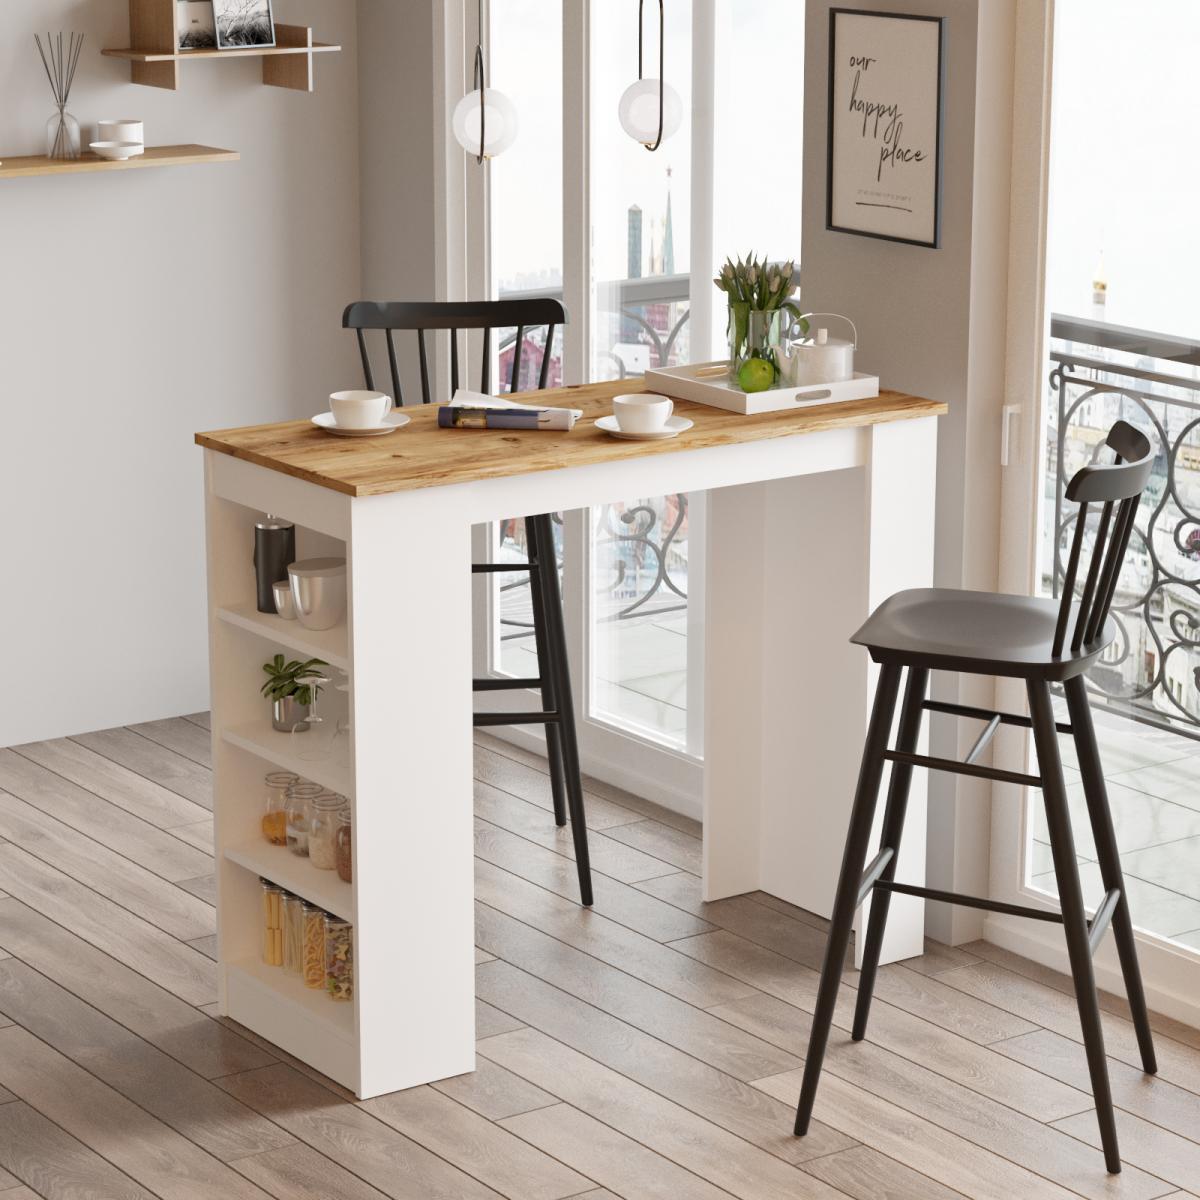 שולחן אוכל דגם ST1-AW אלון/לבן מסדרת Peyton